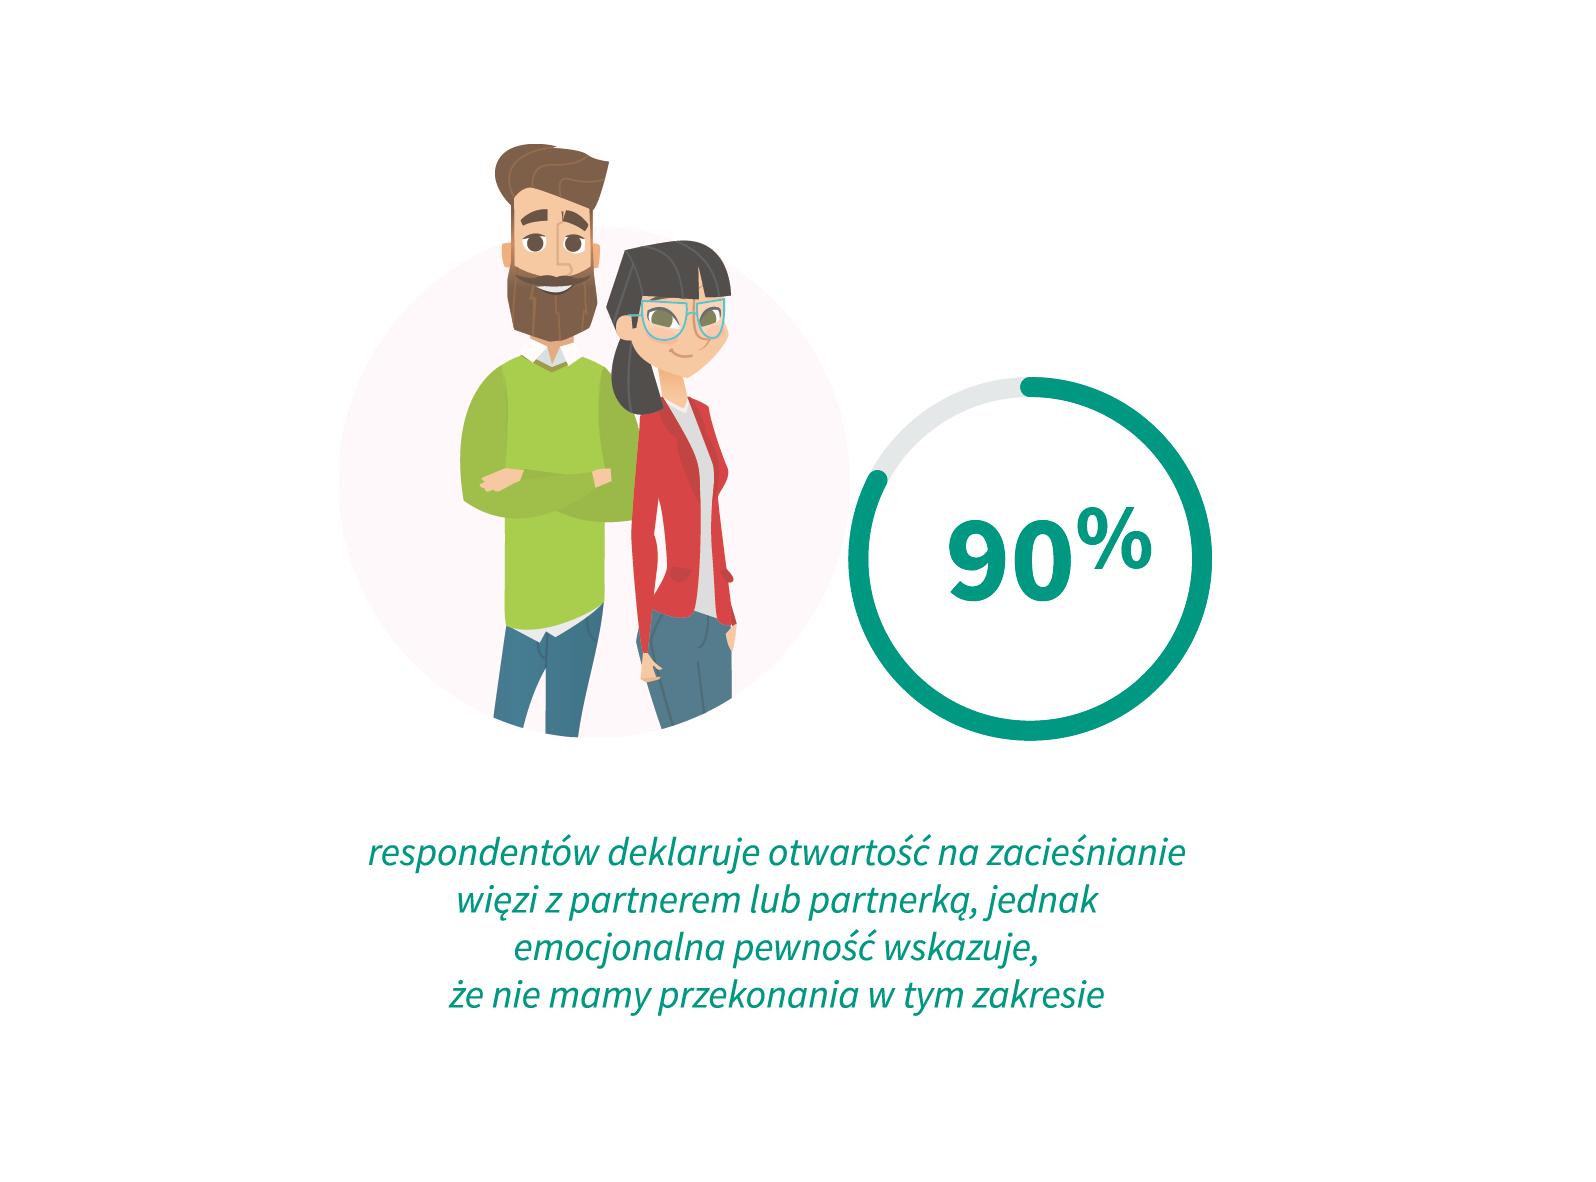 90 proc. respondentów deklaruje otwartość na zacieśnianie więzi z partnerem lub partnerką, jednak nie mamy przekonania w tym zakresie